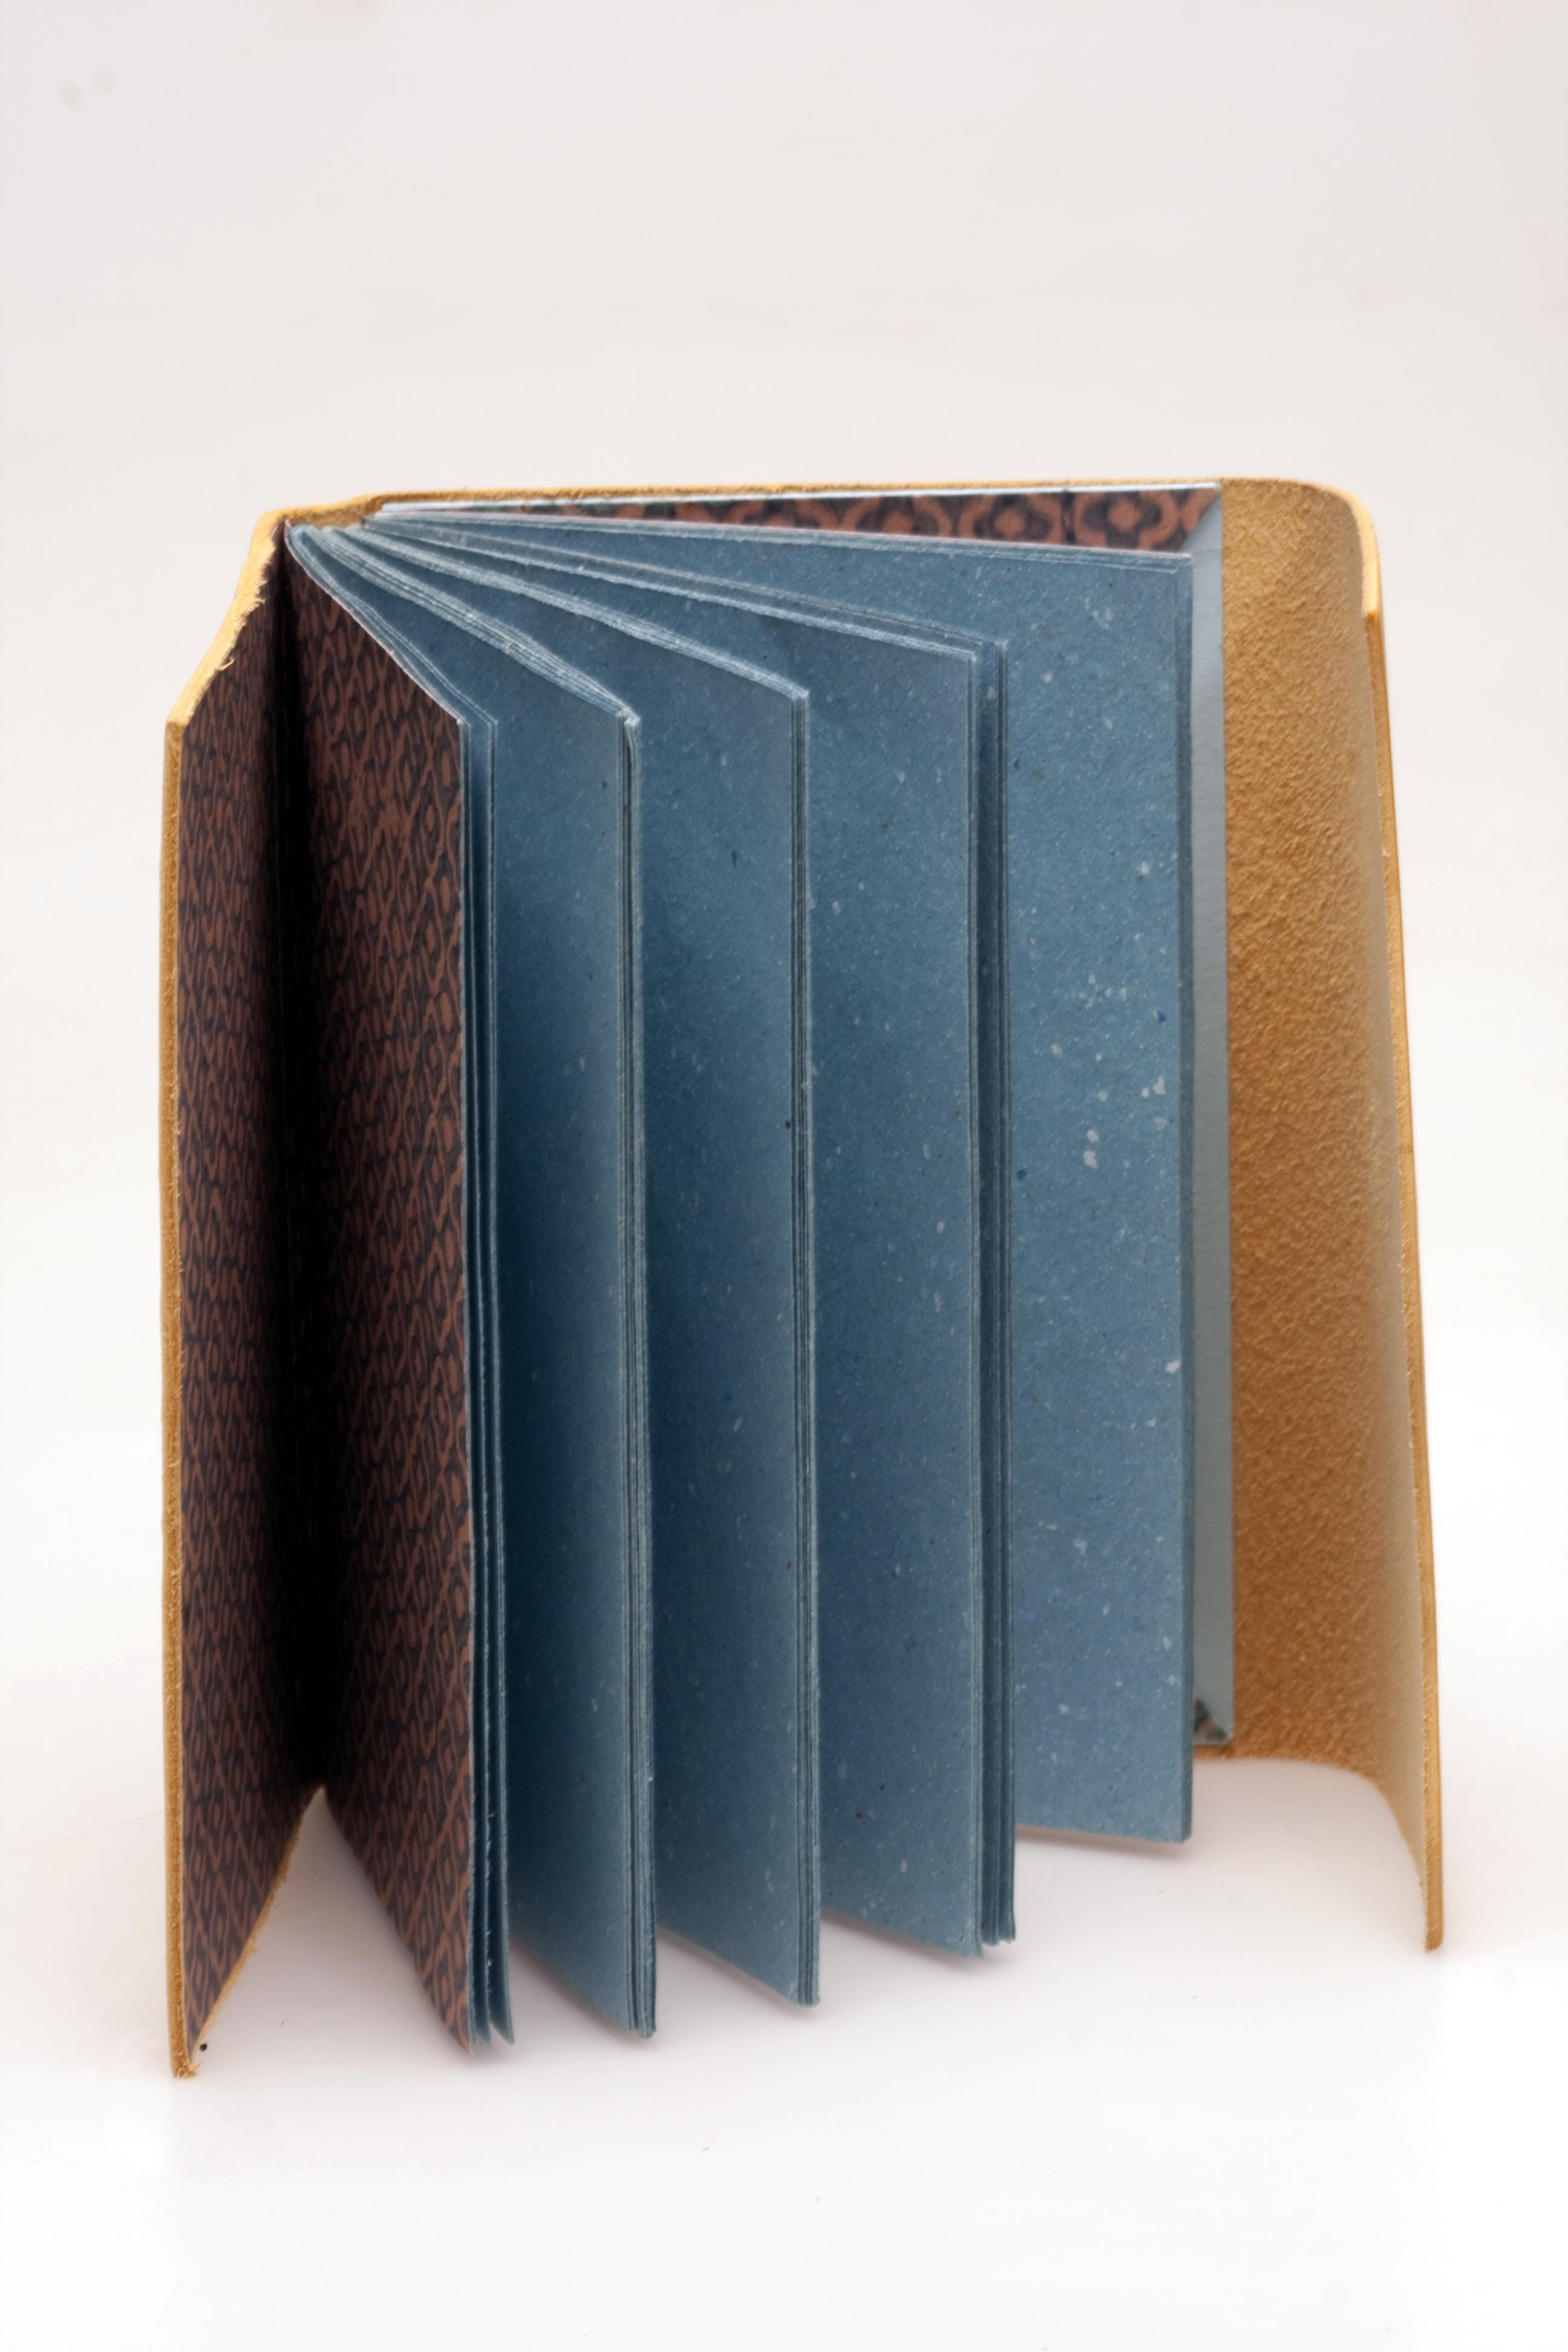 Cuaderno cuero amarillo.